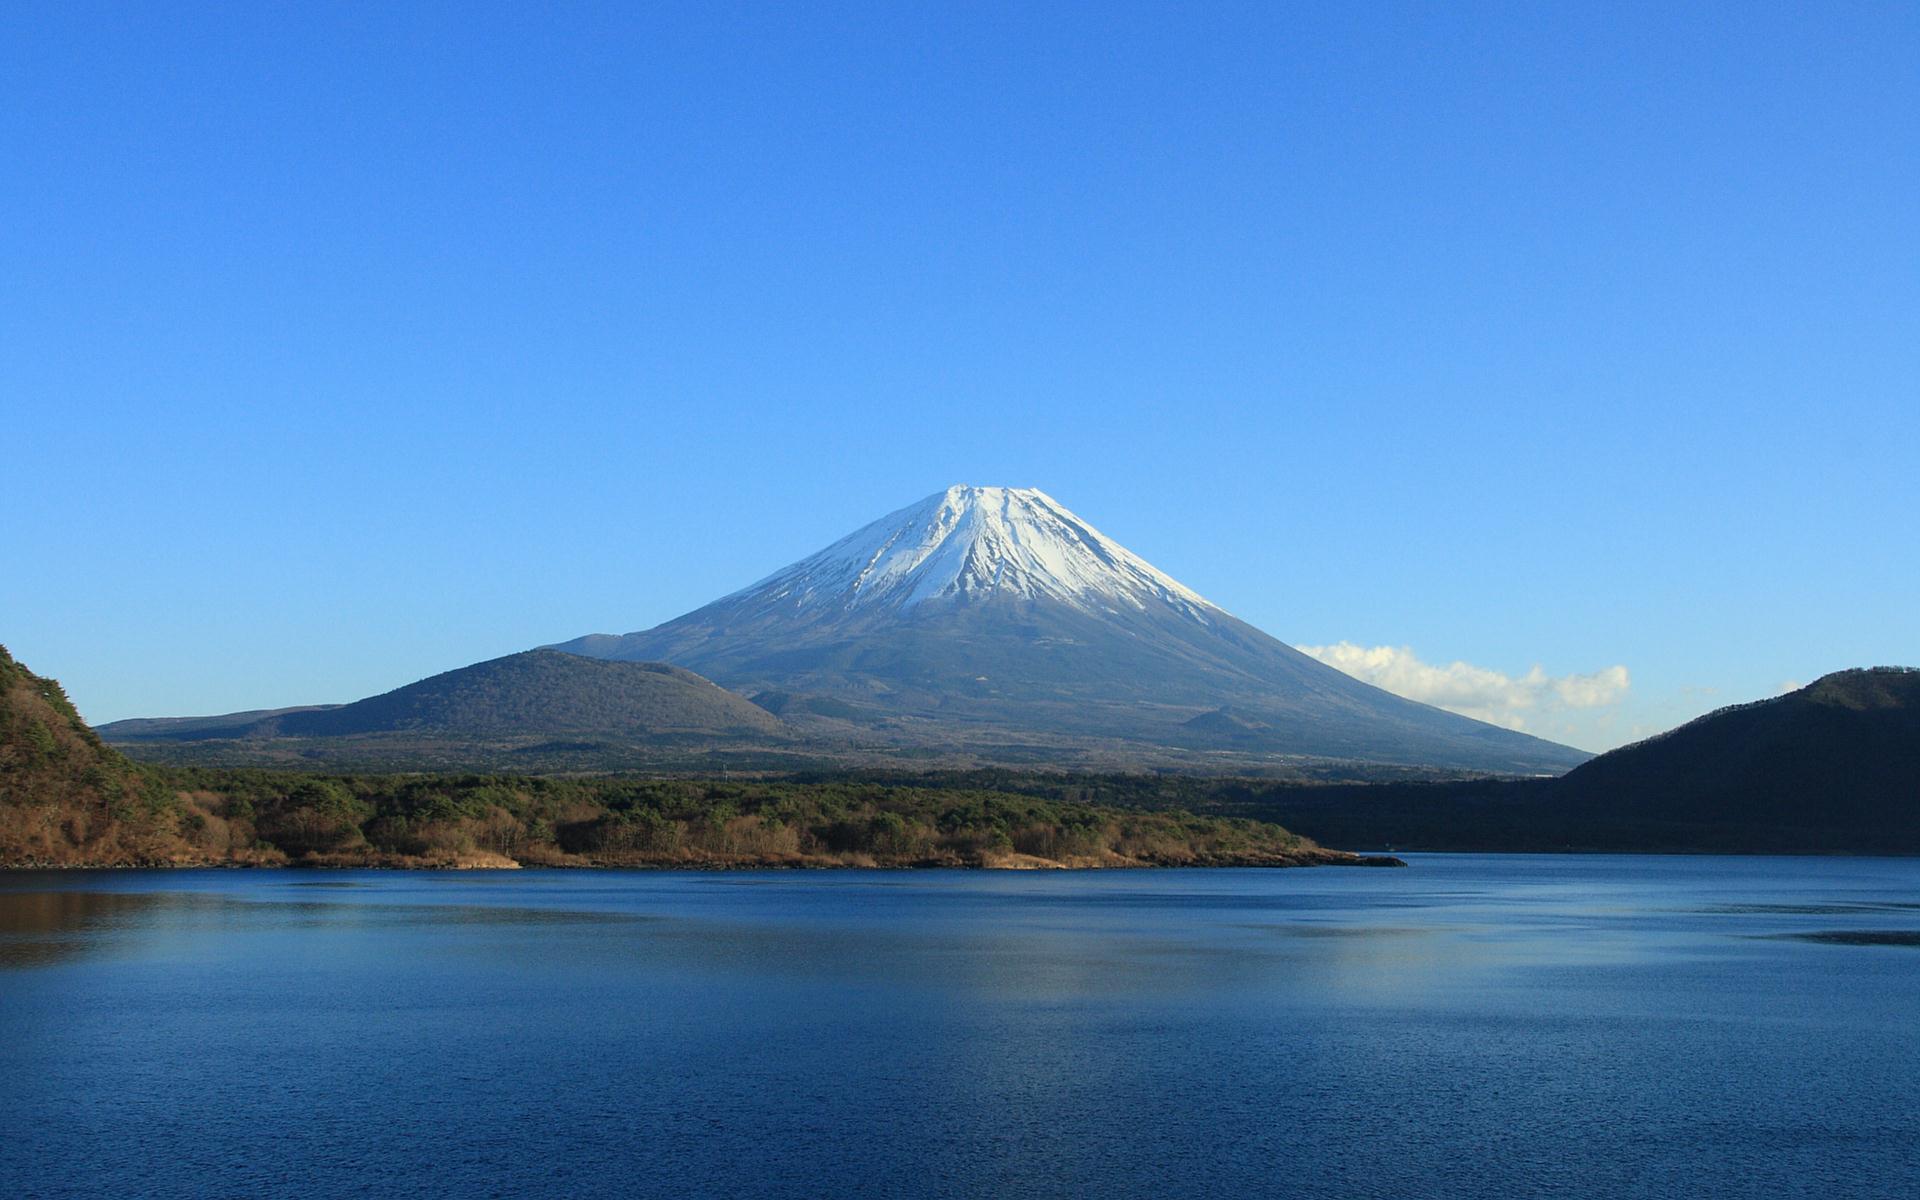 富士山の壁紙 写真素材 朝霧高原 本栖湖から見た富士山